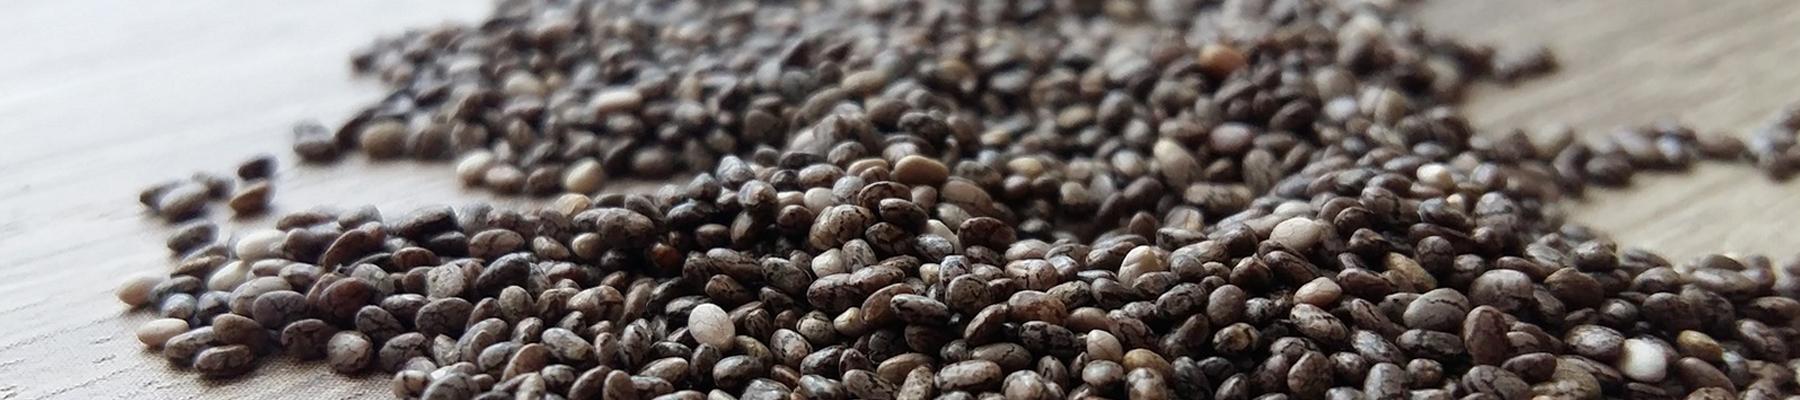 Tu Semillero para todo el año, más fácil con Surdeplant - Surdeplant